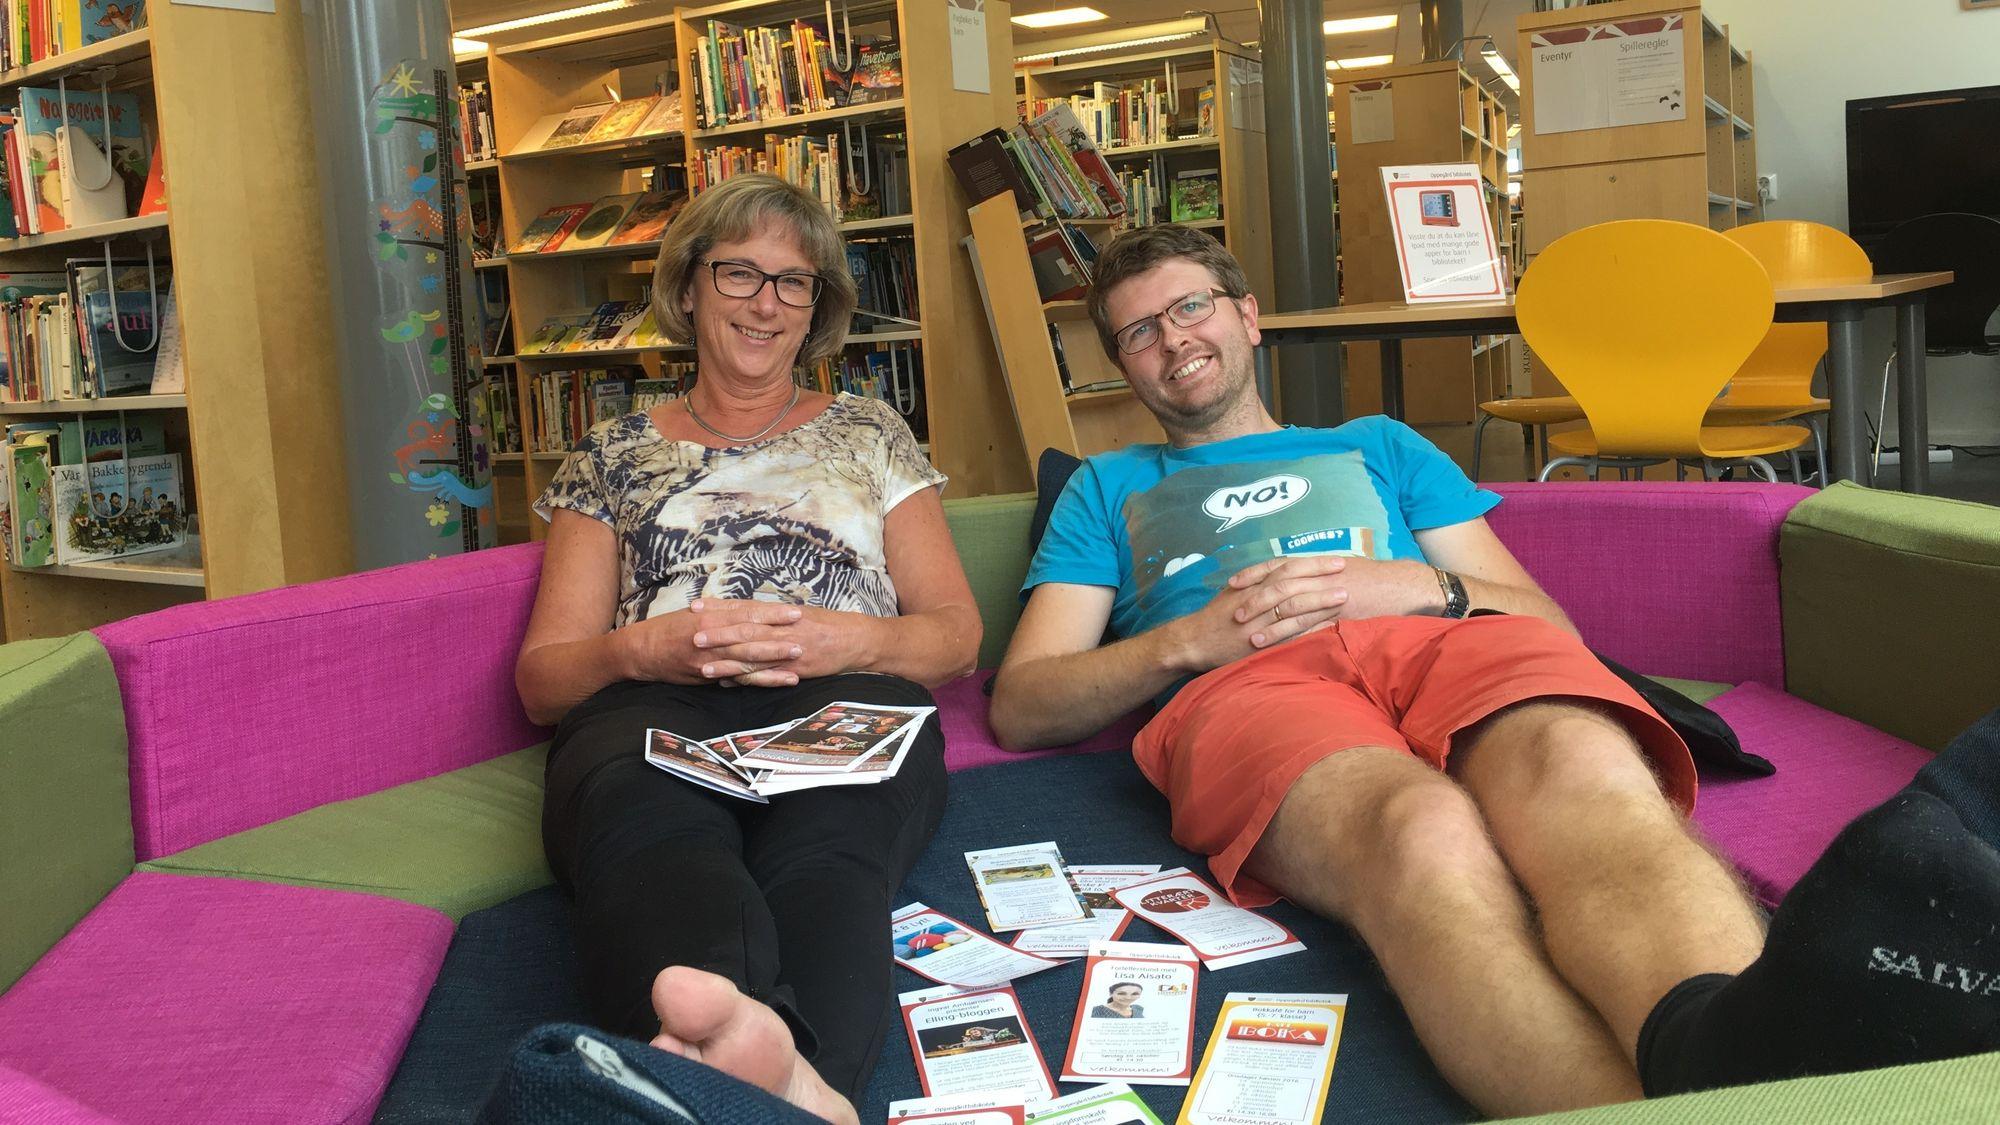 NYTER SUKSESSEN: Der andre bibliotek sliter med både utlån og besøk, kan biblioteksjef Aase-Liv Birkenes og kollega Hans Martin Enger kosntantere at Oppegård bibliotek er i vekst!